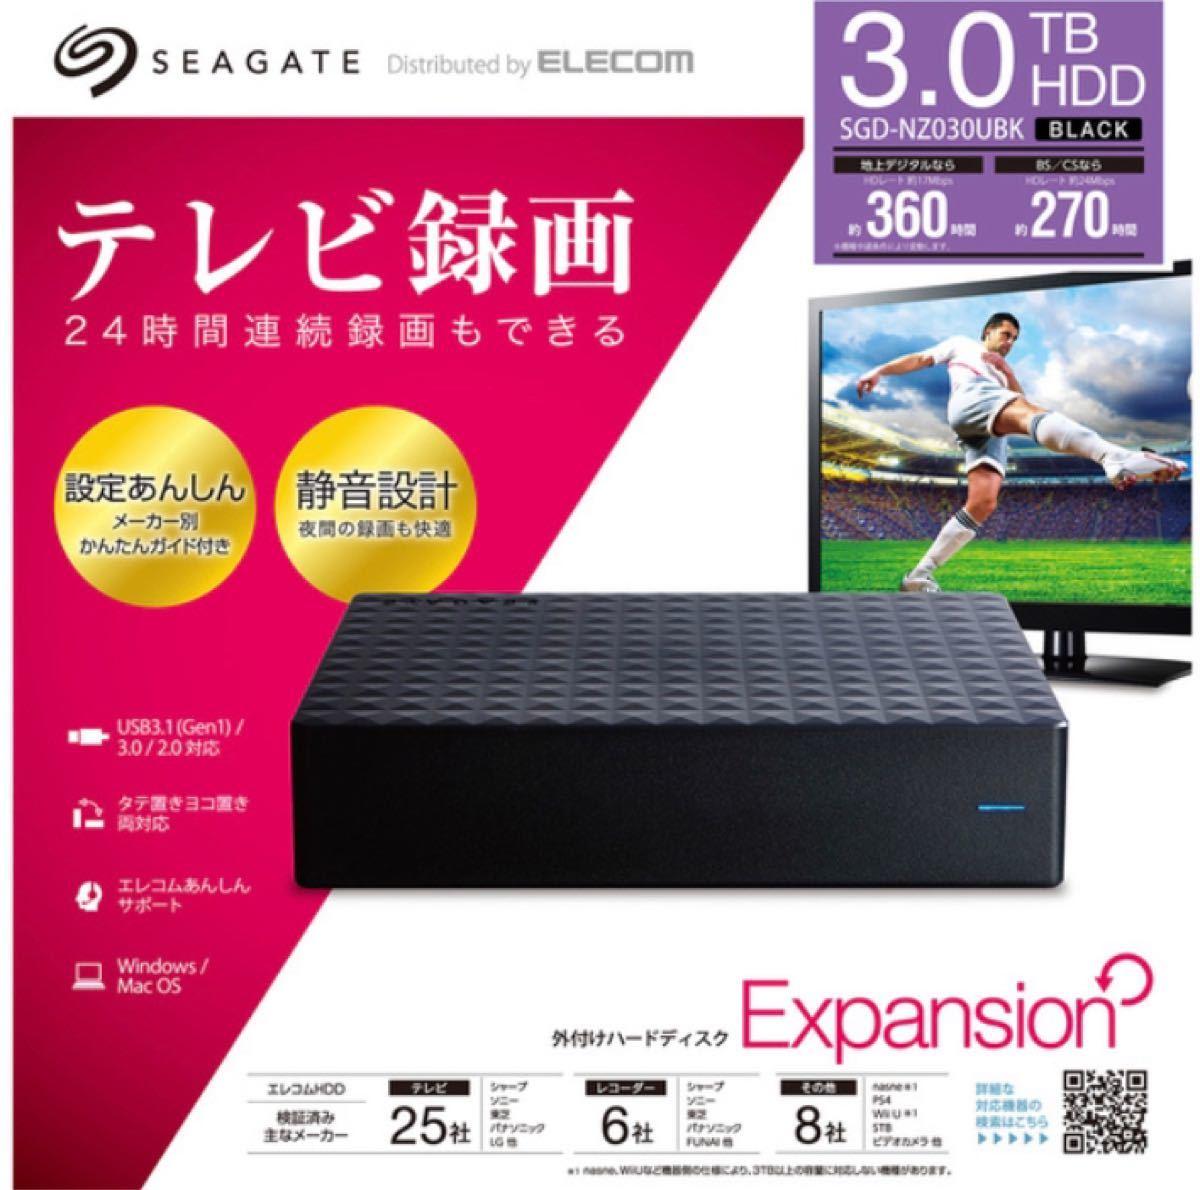 エレコム 外付けハードディスク 3TB SGD-NZ030UBK